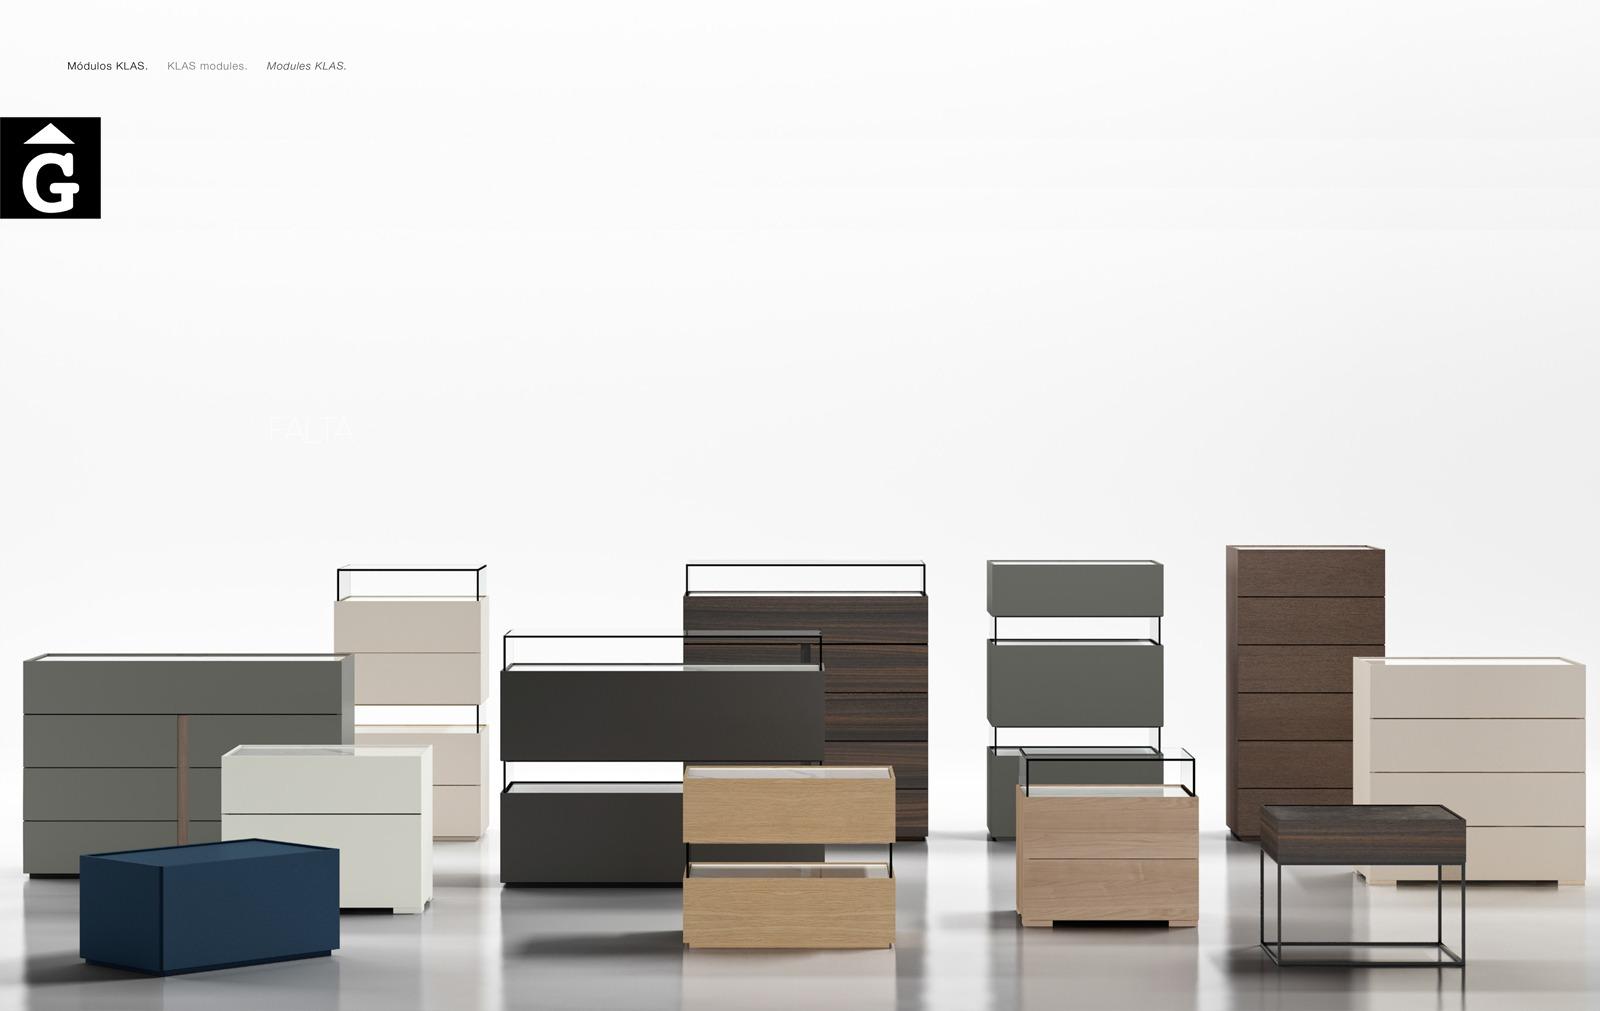 Moduls Klas | Habitacions llit gran | Bedrooms Emede by mobles Gifreu Llits grans matrimoni singel disseny actual qualitat premium